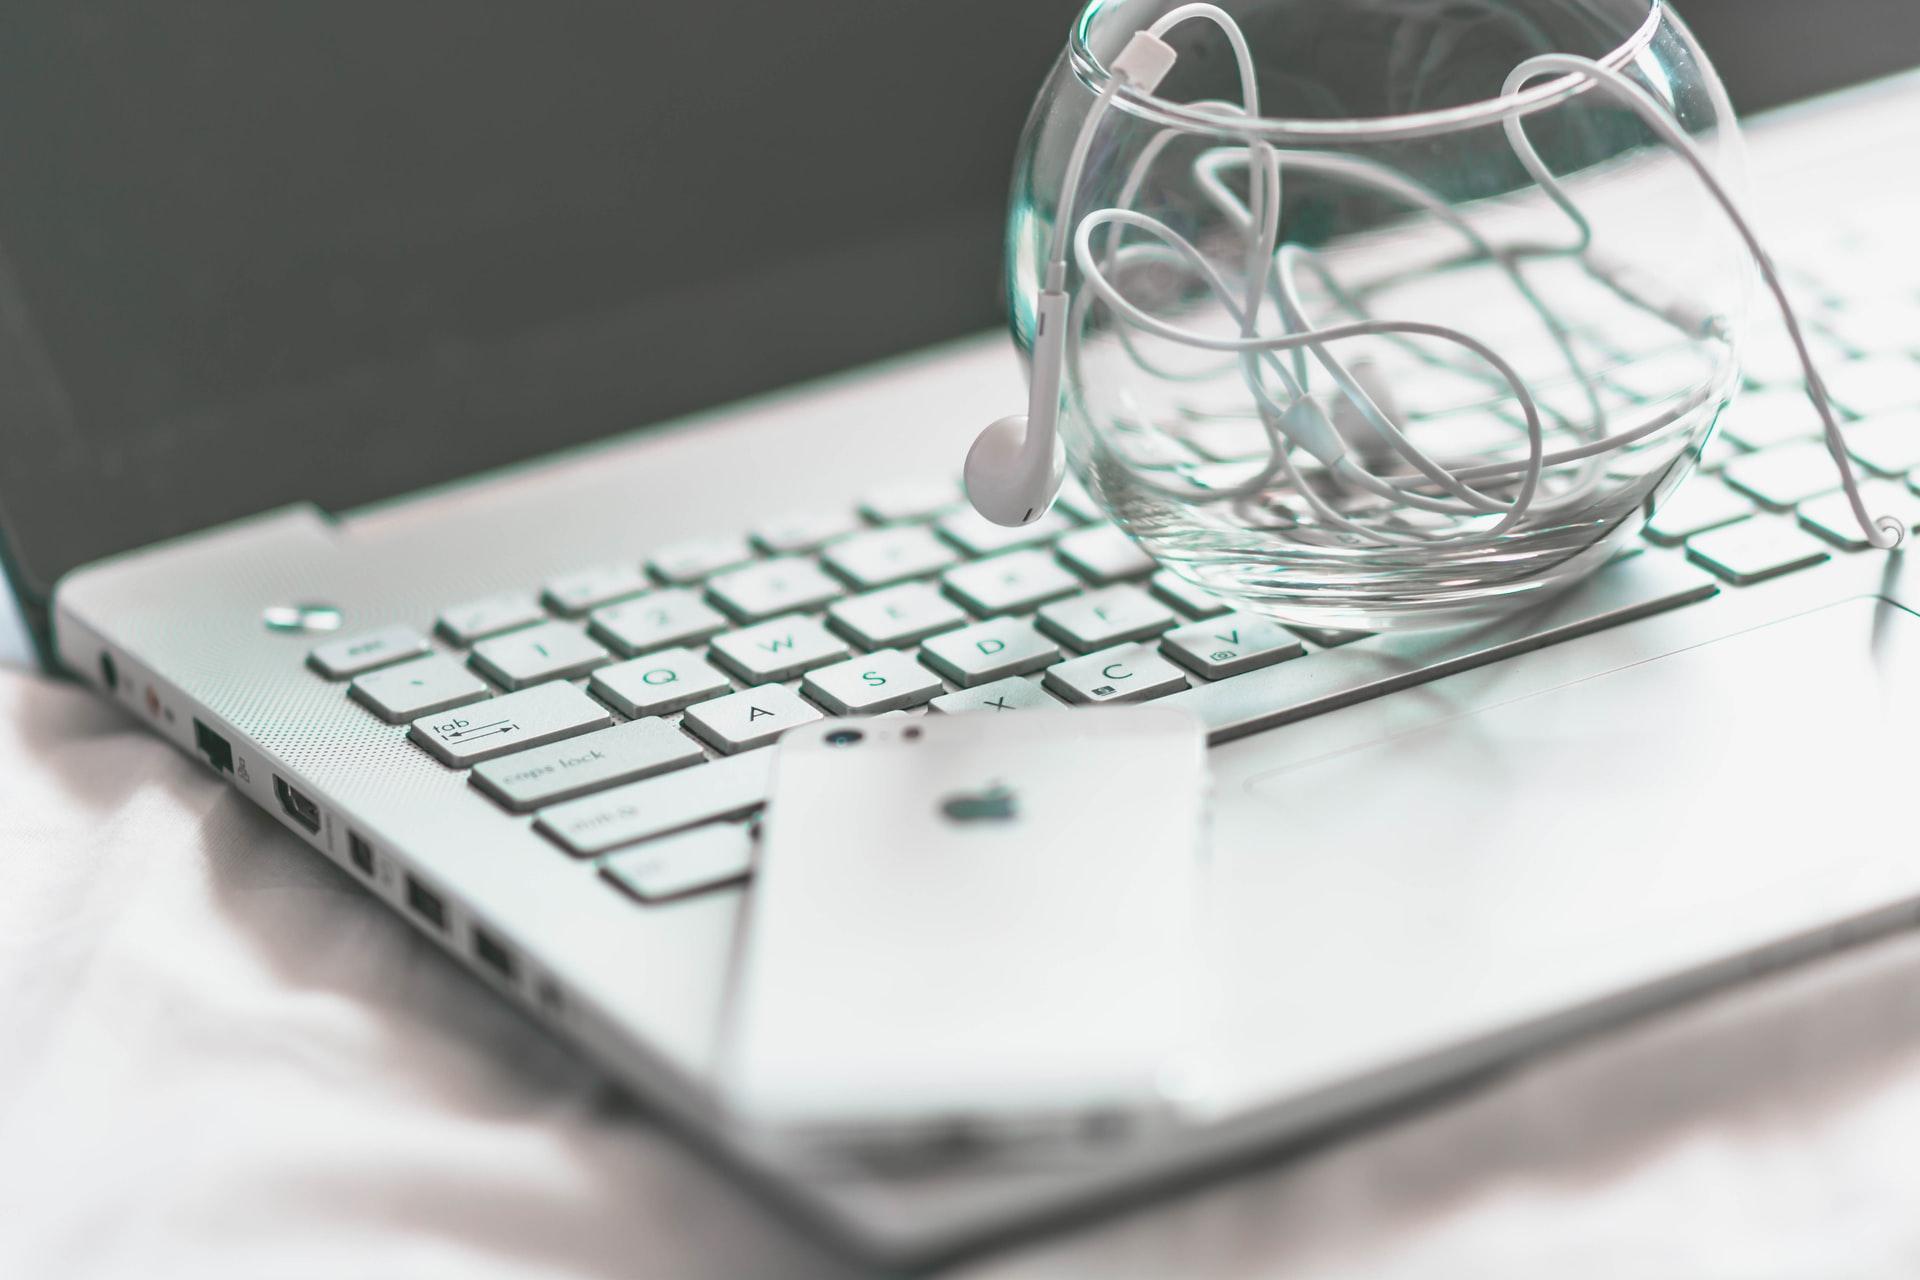 Laptop ASUS z telefonem iPhone na klawiaturze